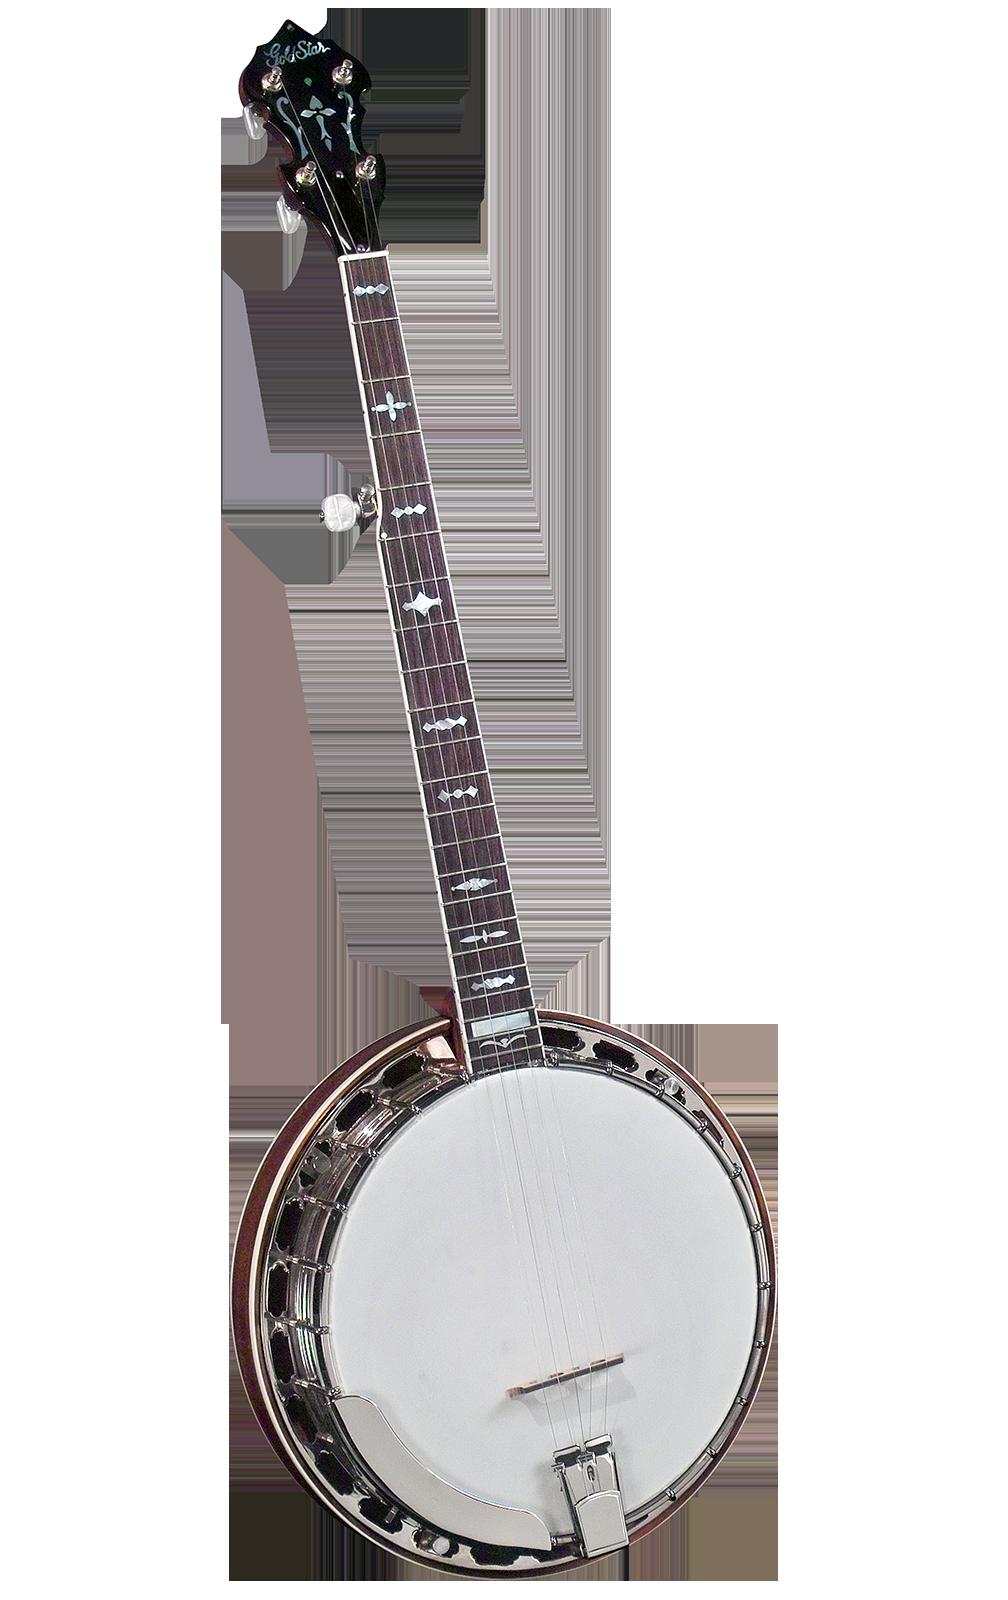 instruments mandolin guitar. Banjo clipart string instrument